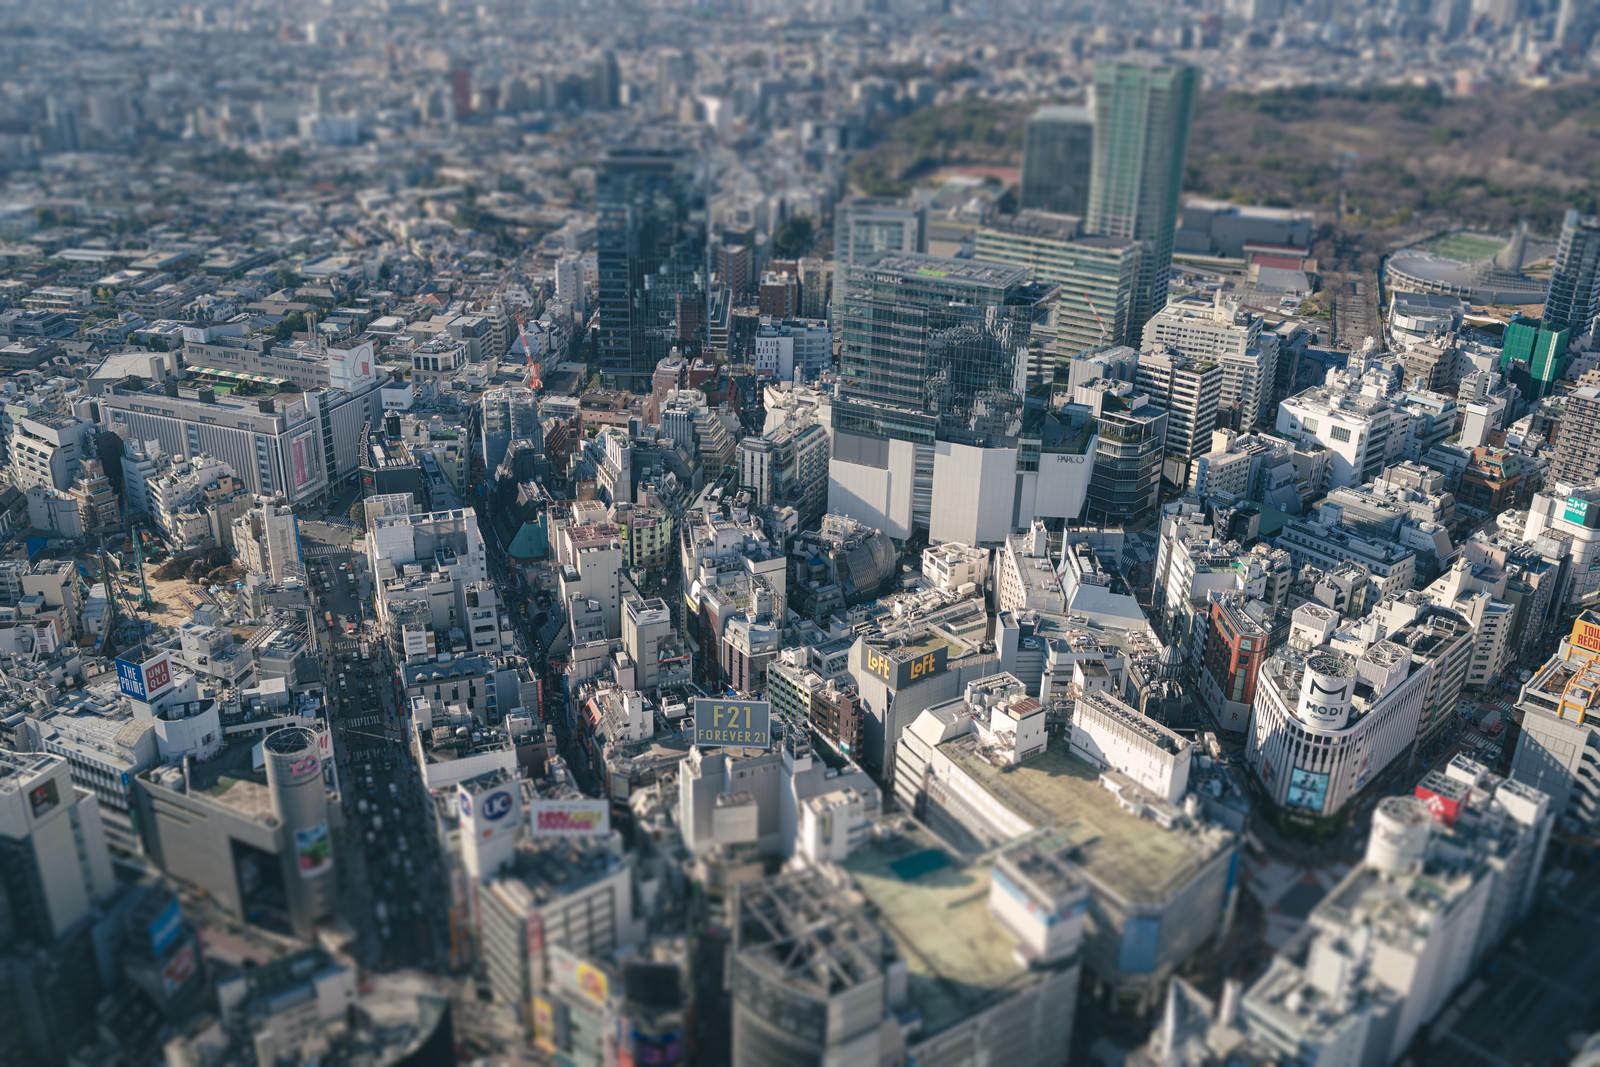 「渋谷の都市景観(チルトシフト)」の写真